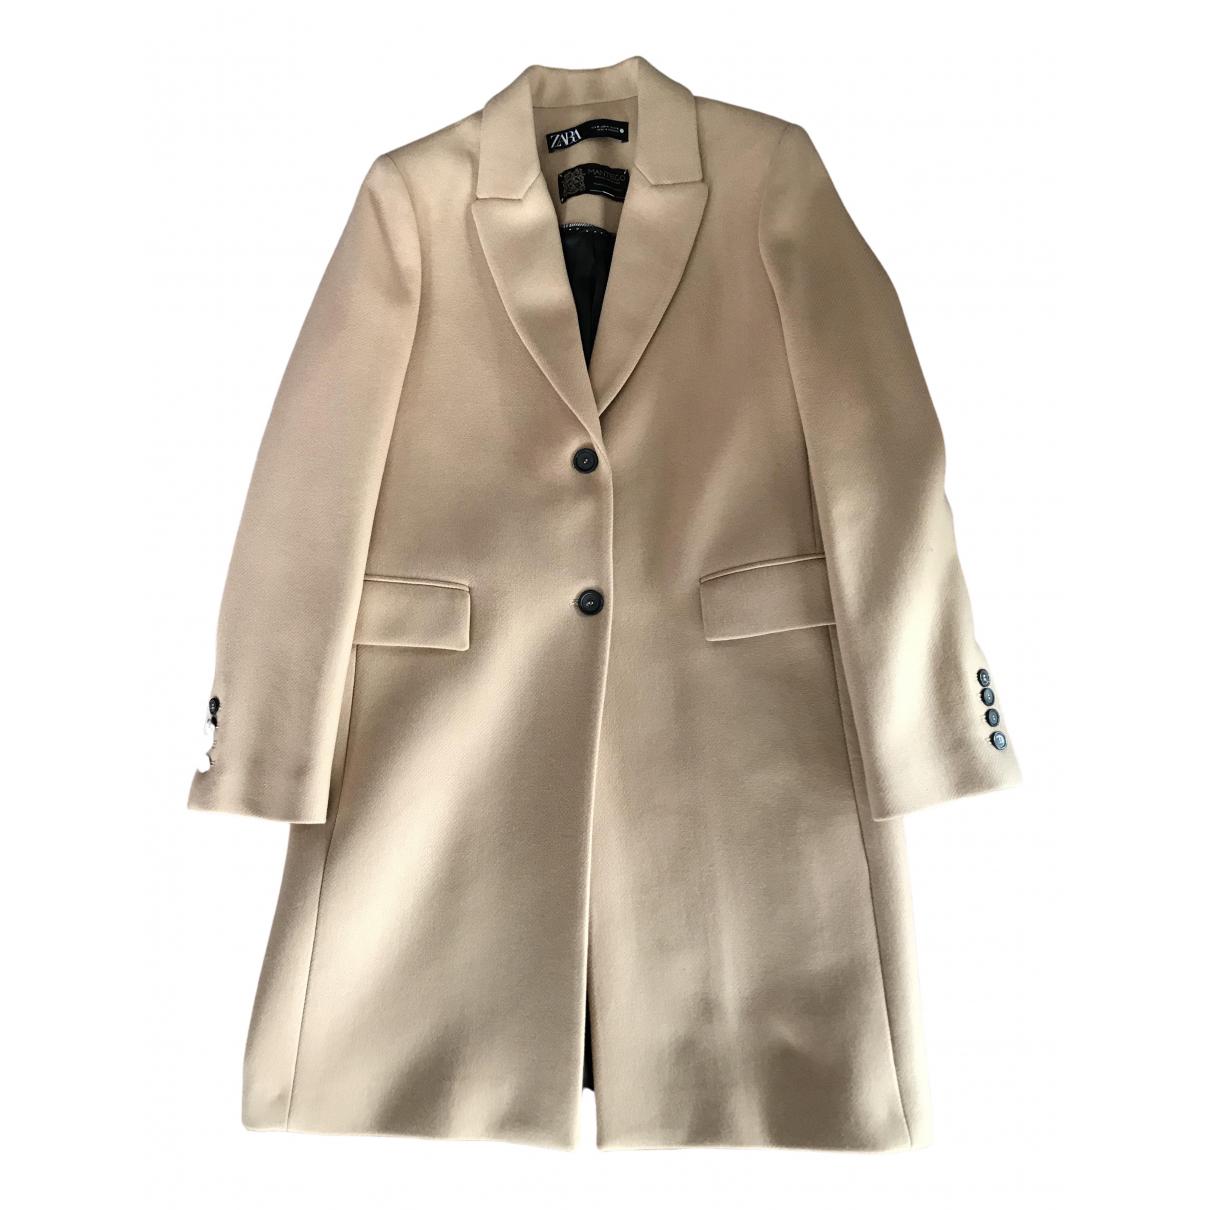 Zara \N Camel Wool coat for Women L International